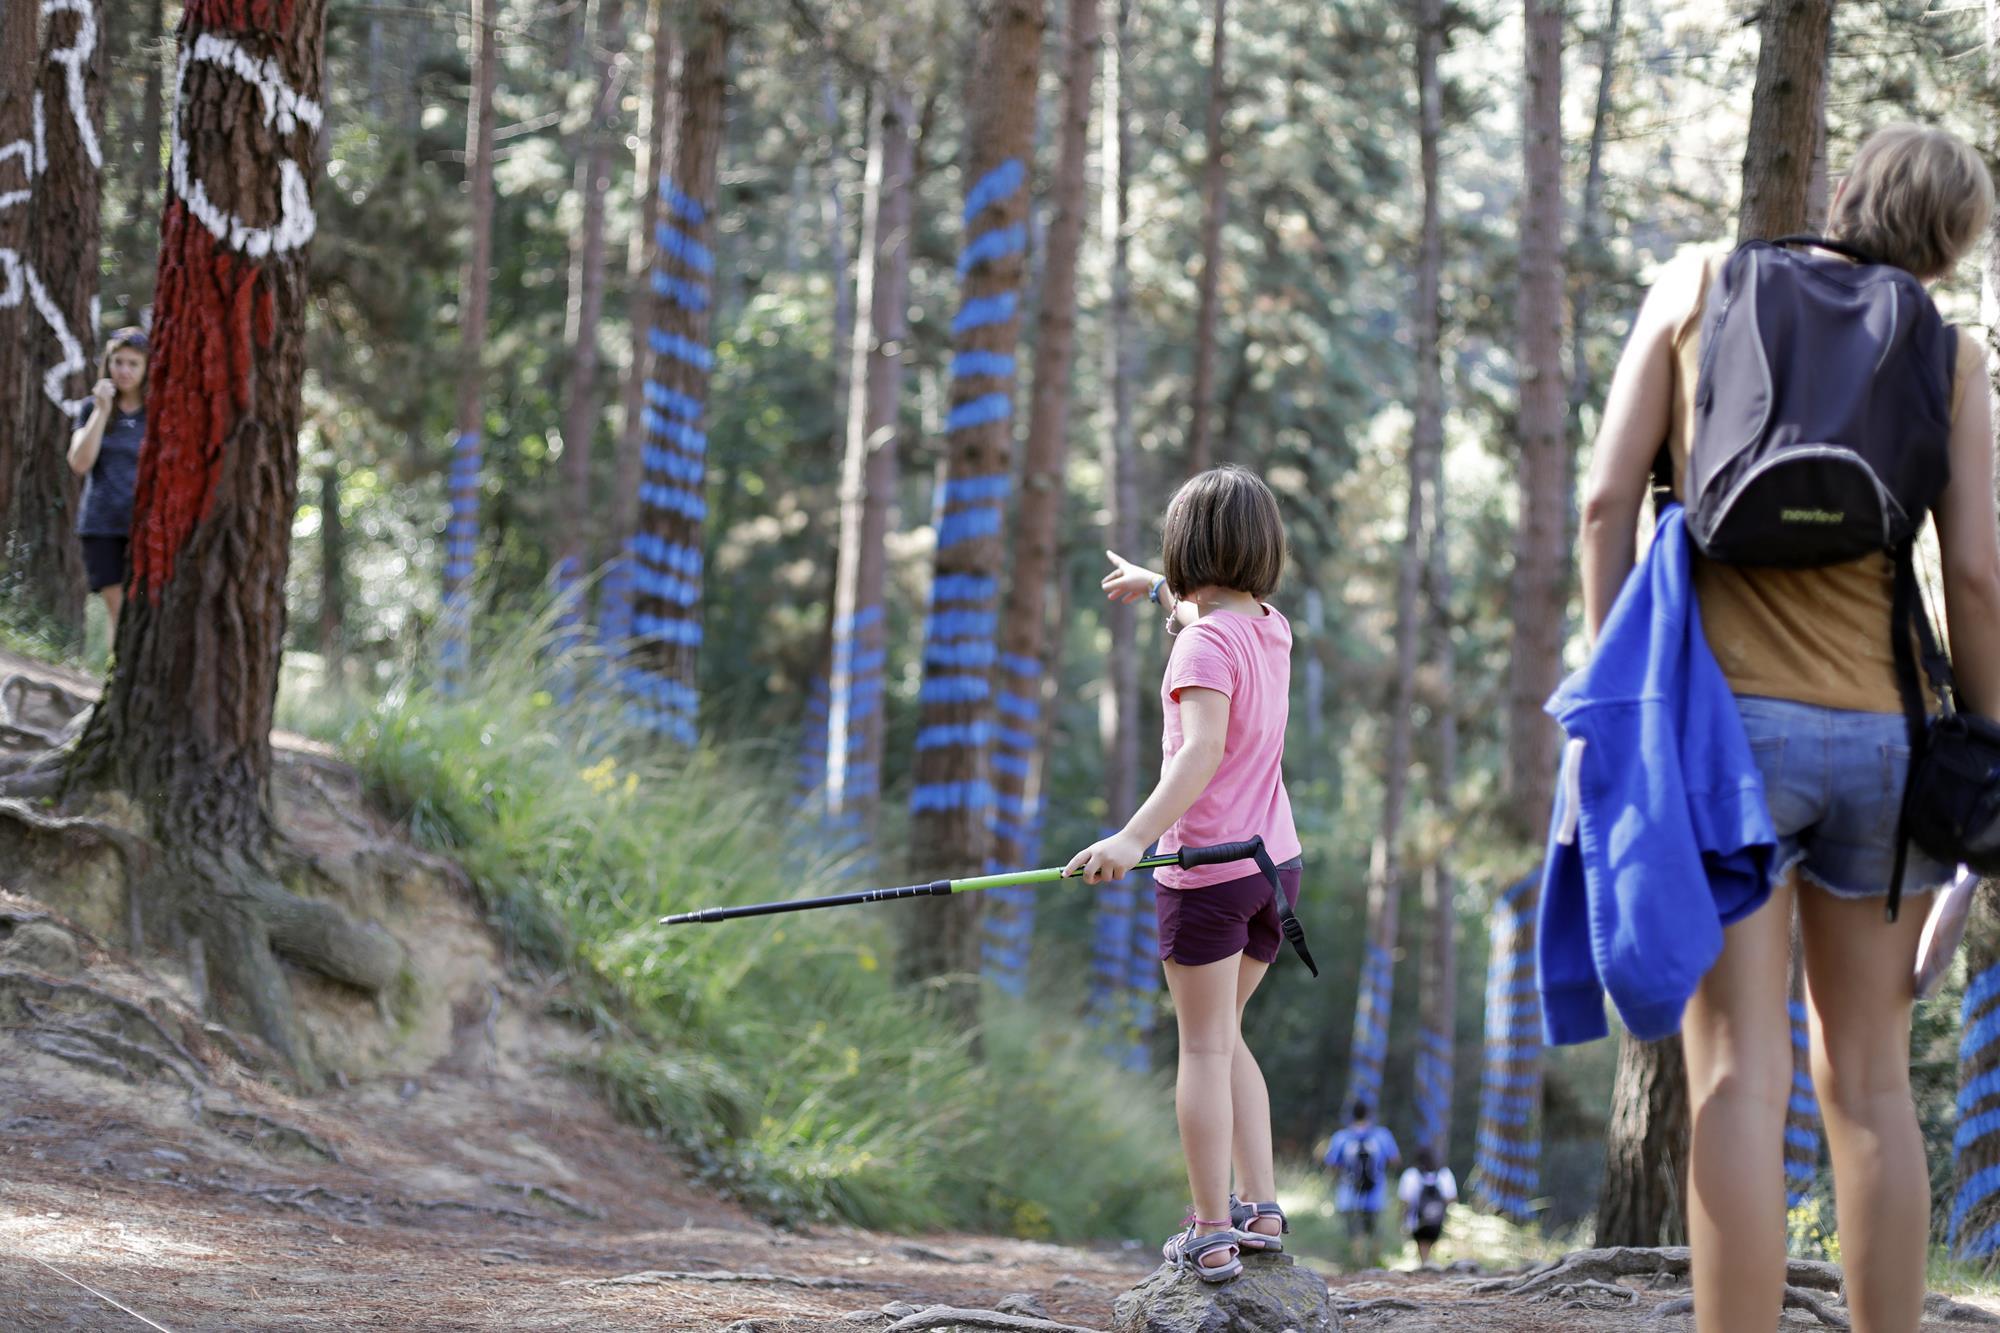 Identificar las obras entre la vegetación es el gran reto de los niños.